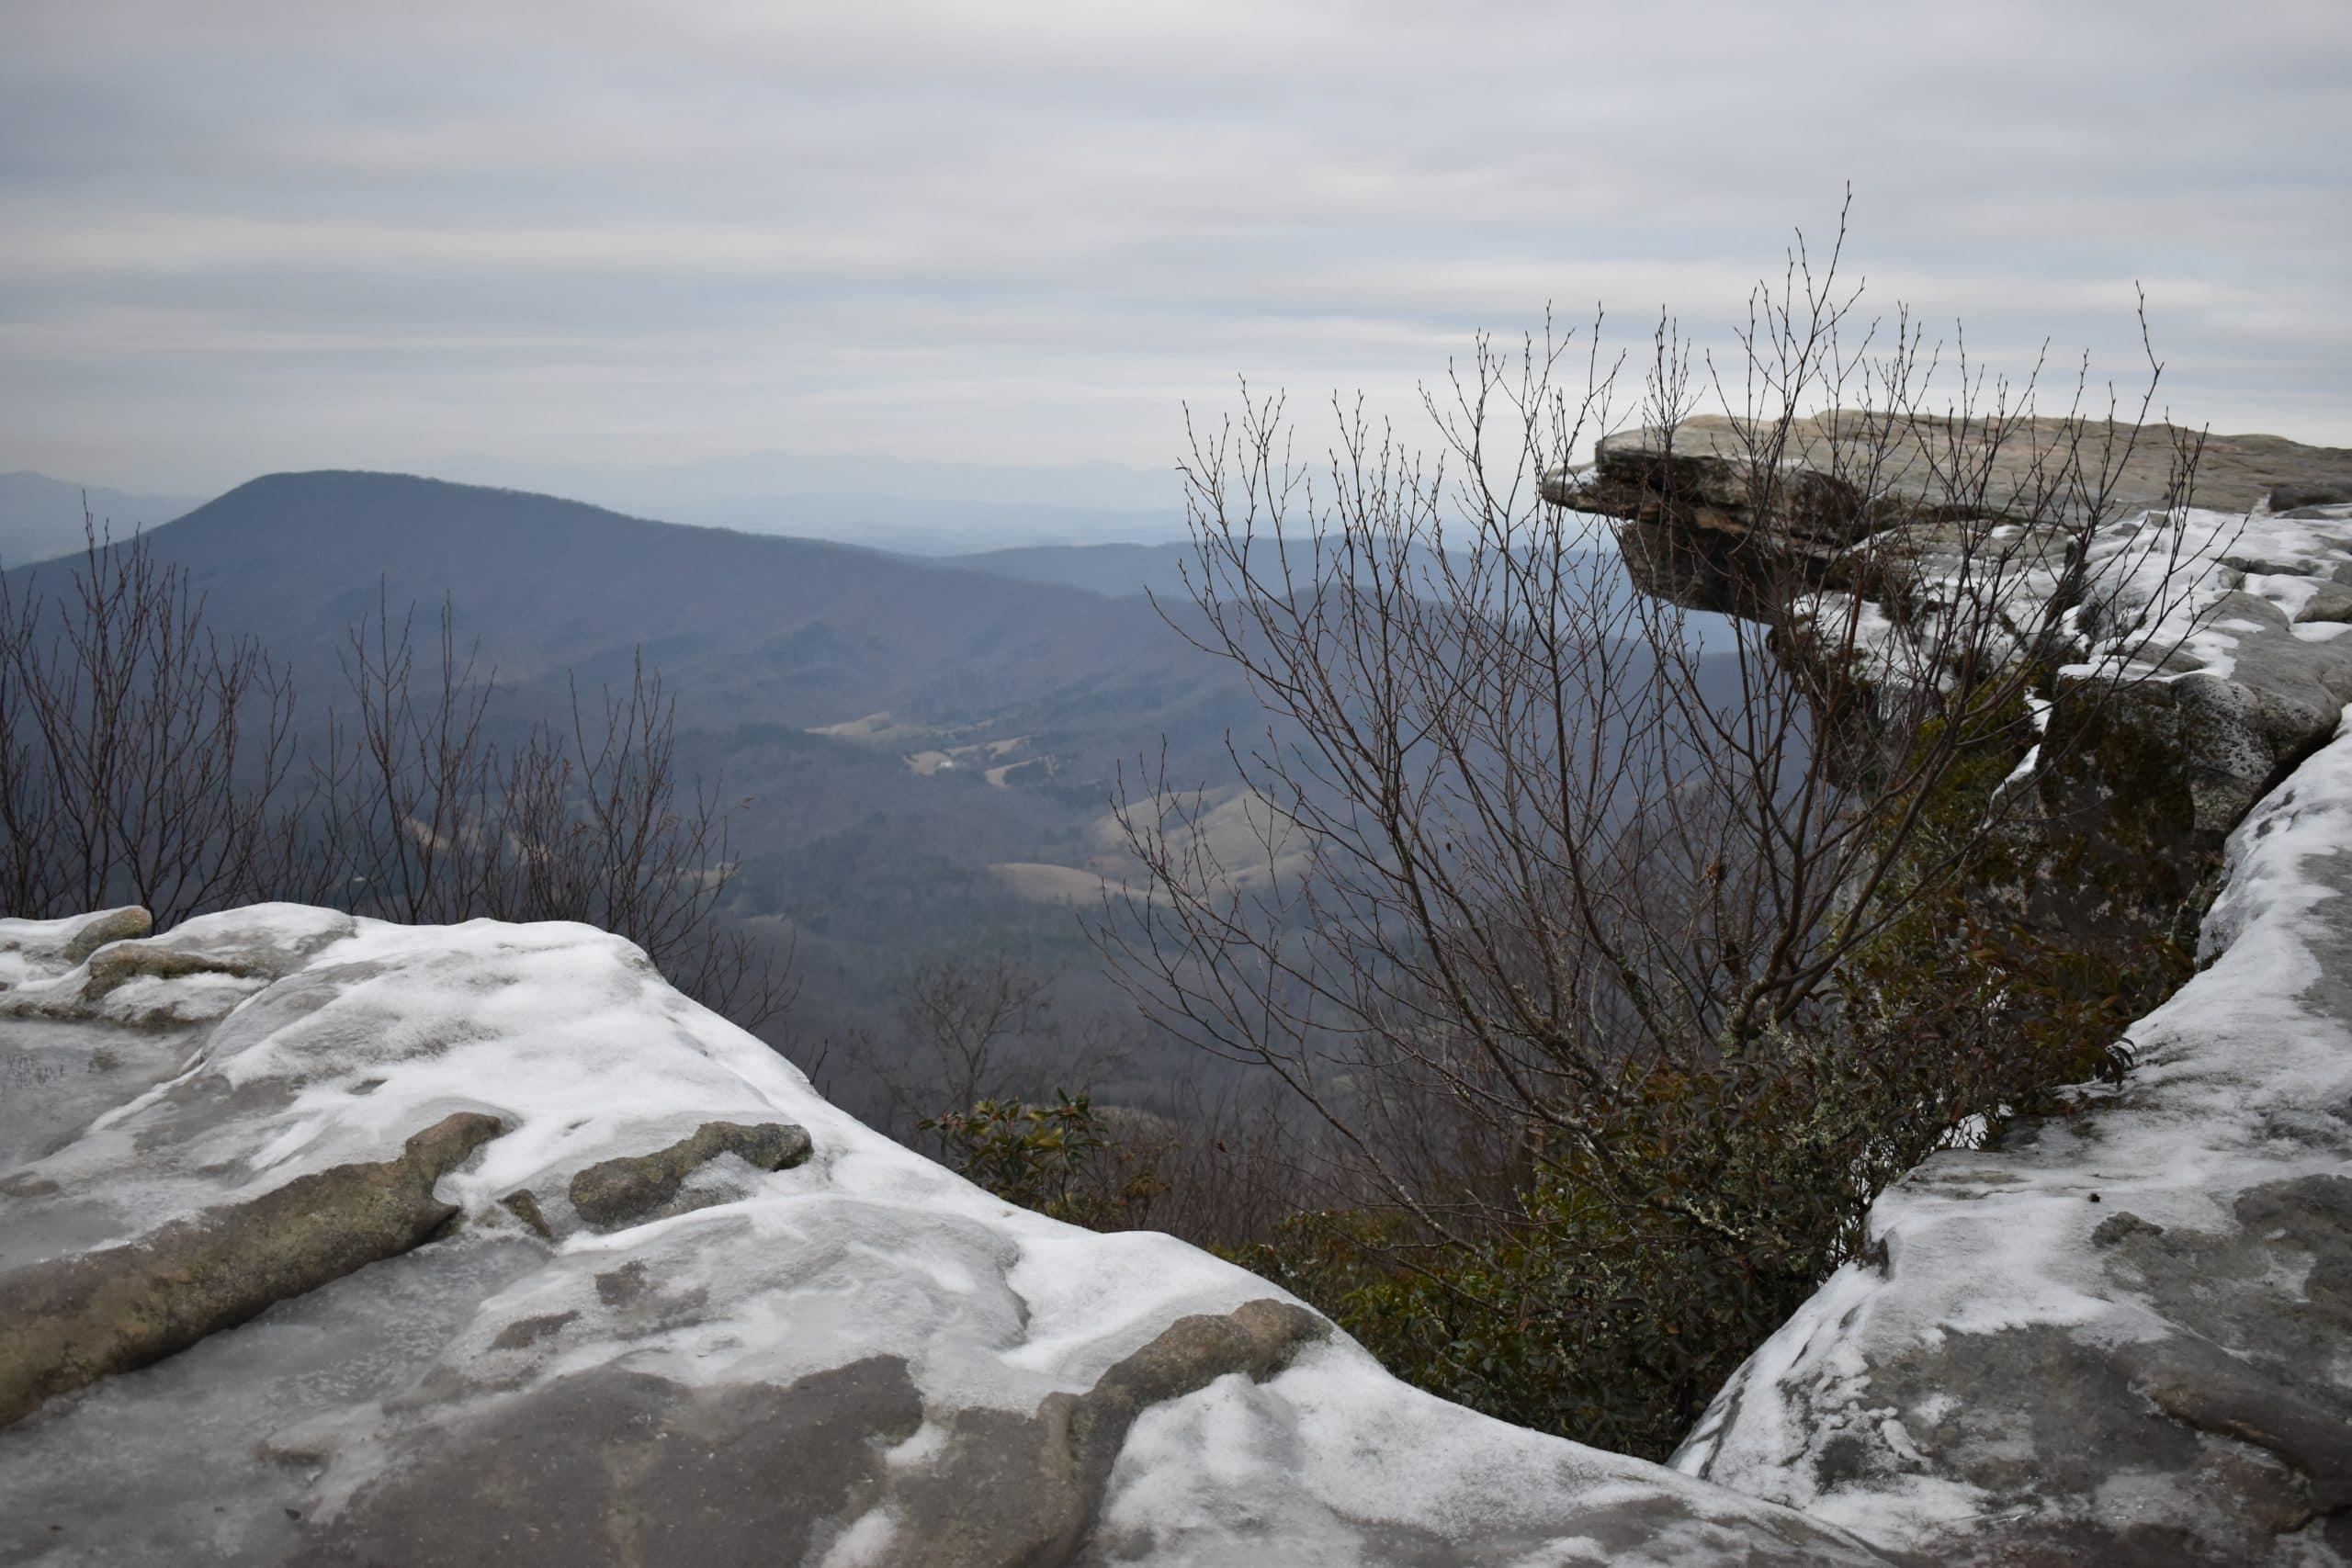 Mcafee Knob Snow Peak scaled